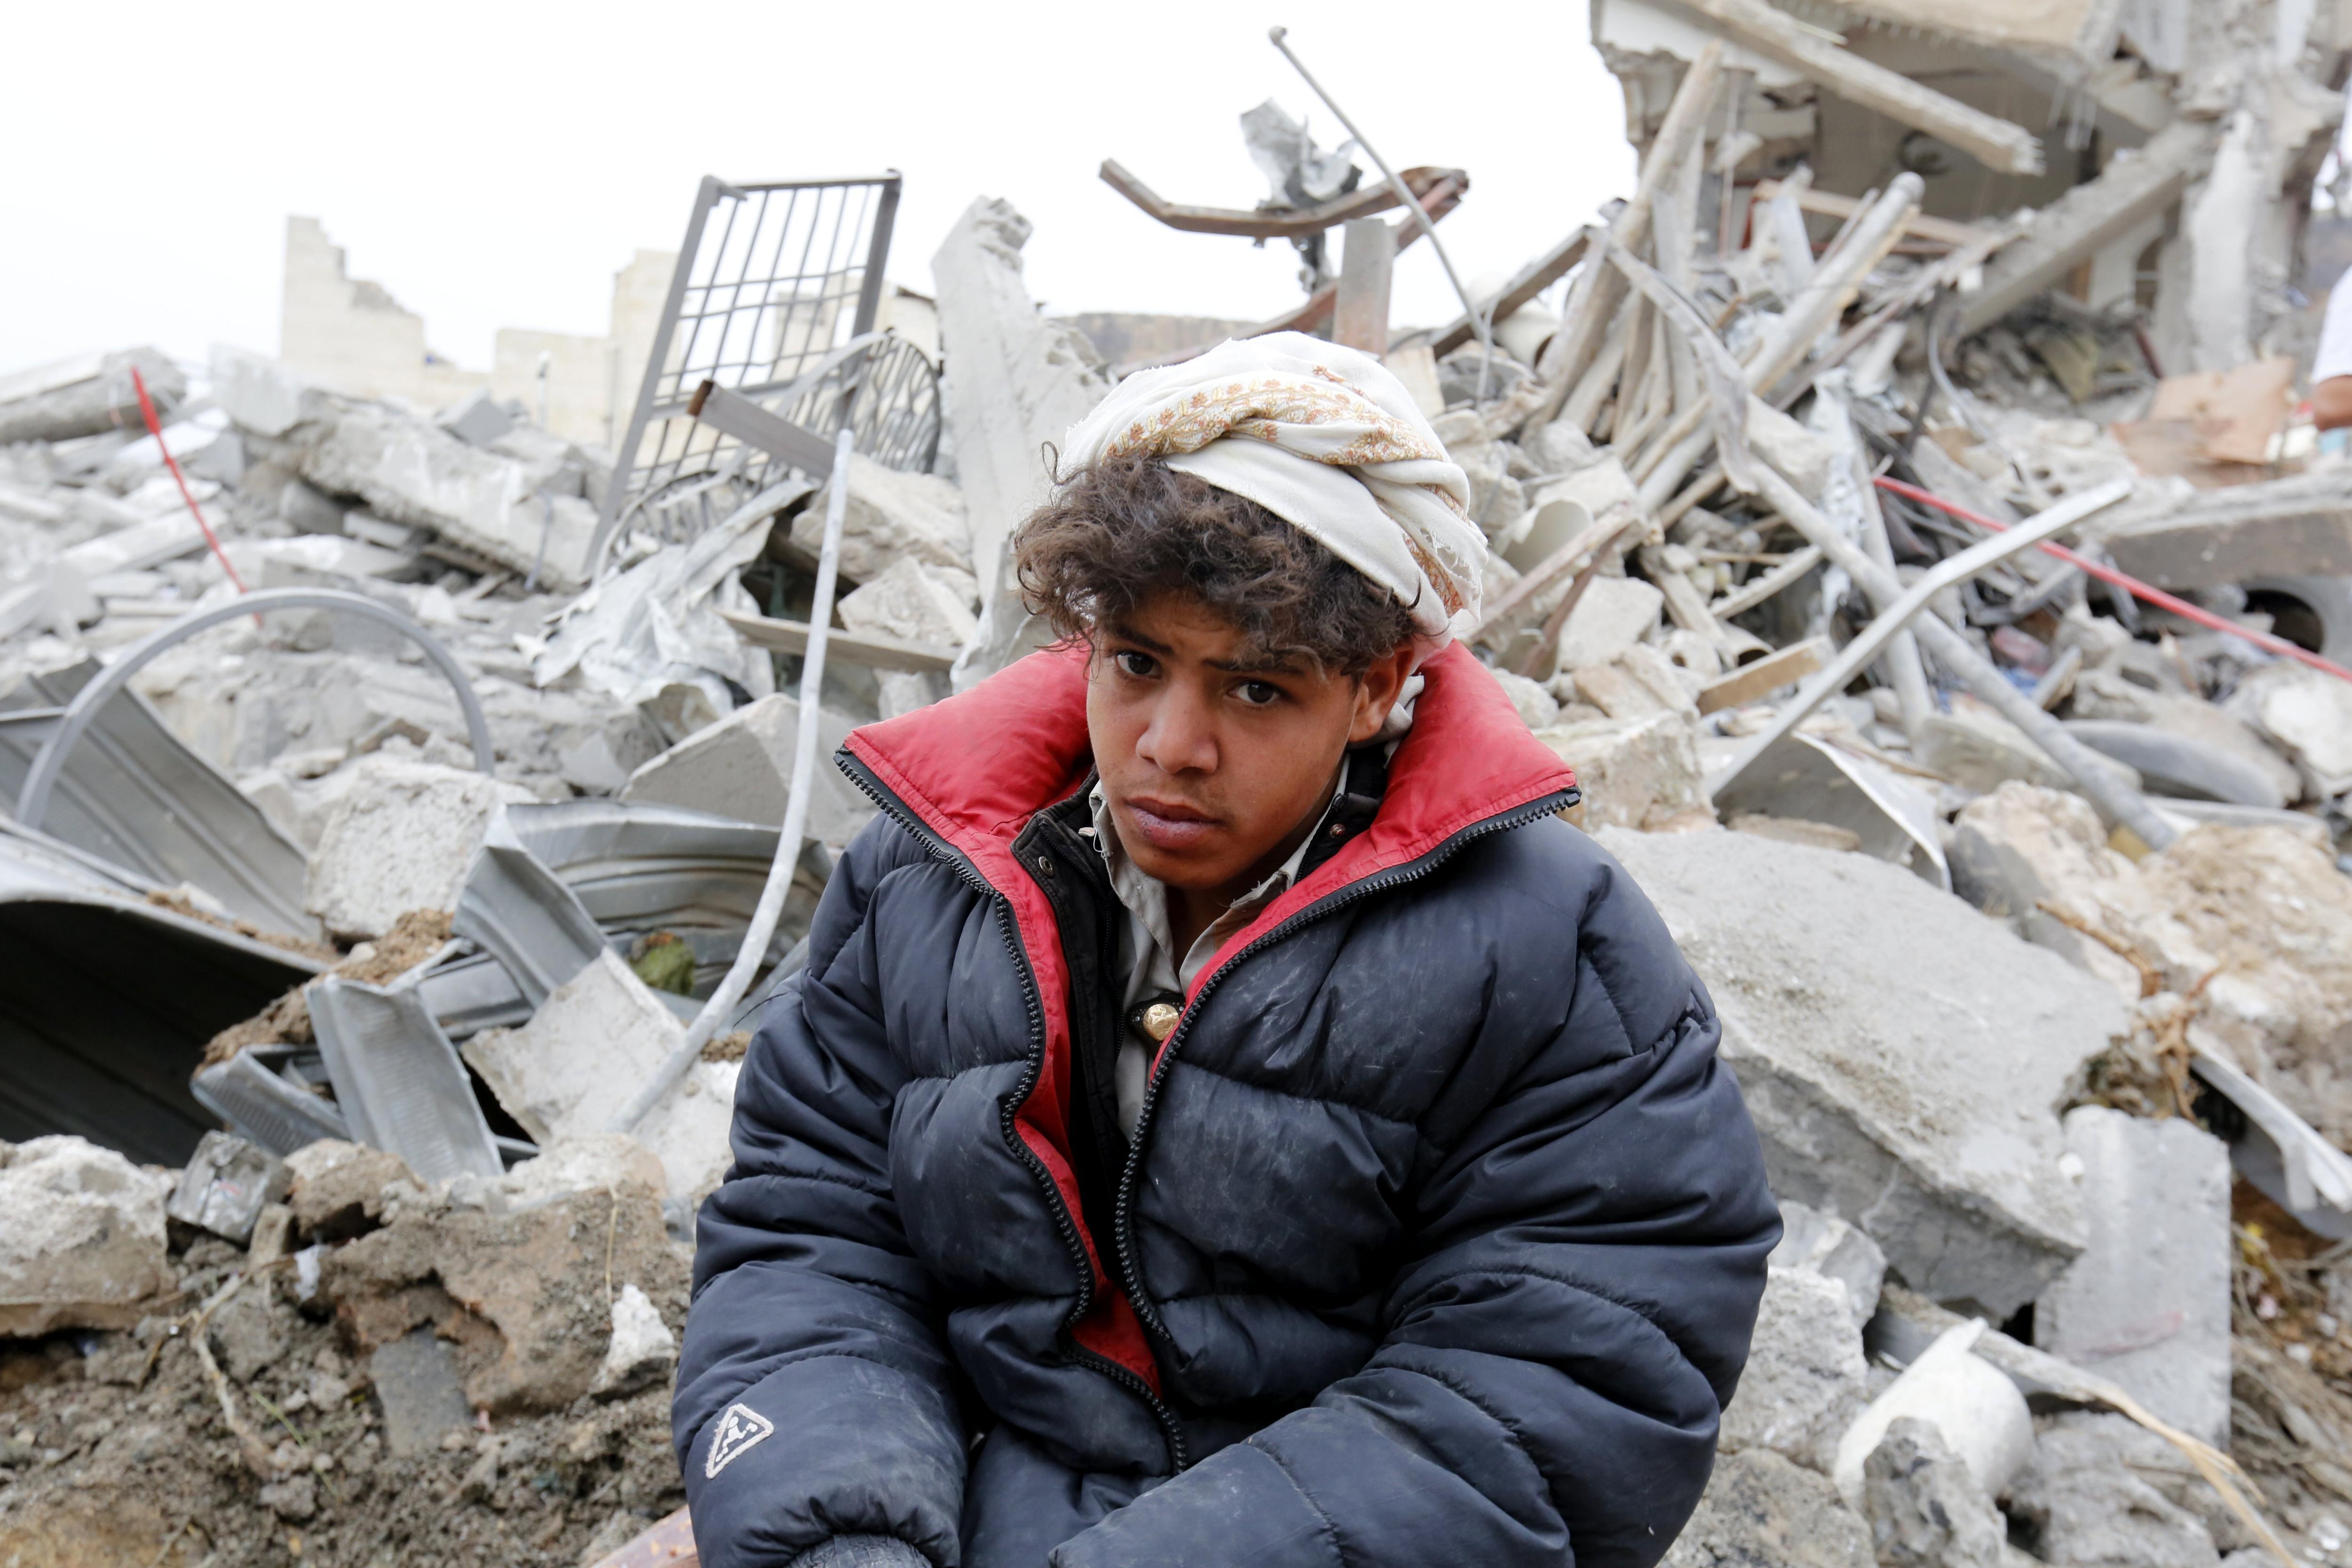 Un iemenita assegut entre les restes d'un edifici després d'un bombardeig de la coalició liderada per Aràbia Saudita a Sanà, Iemen, que ha causat la mort d'almenys dotze persones i deu ferits, segons els equips de rescat./Yahya Arhab